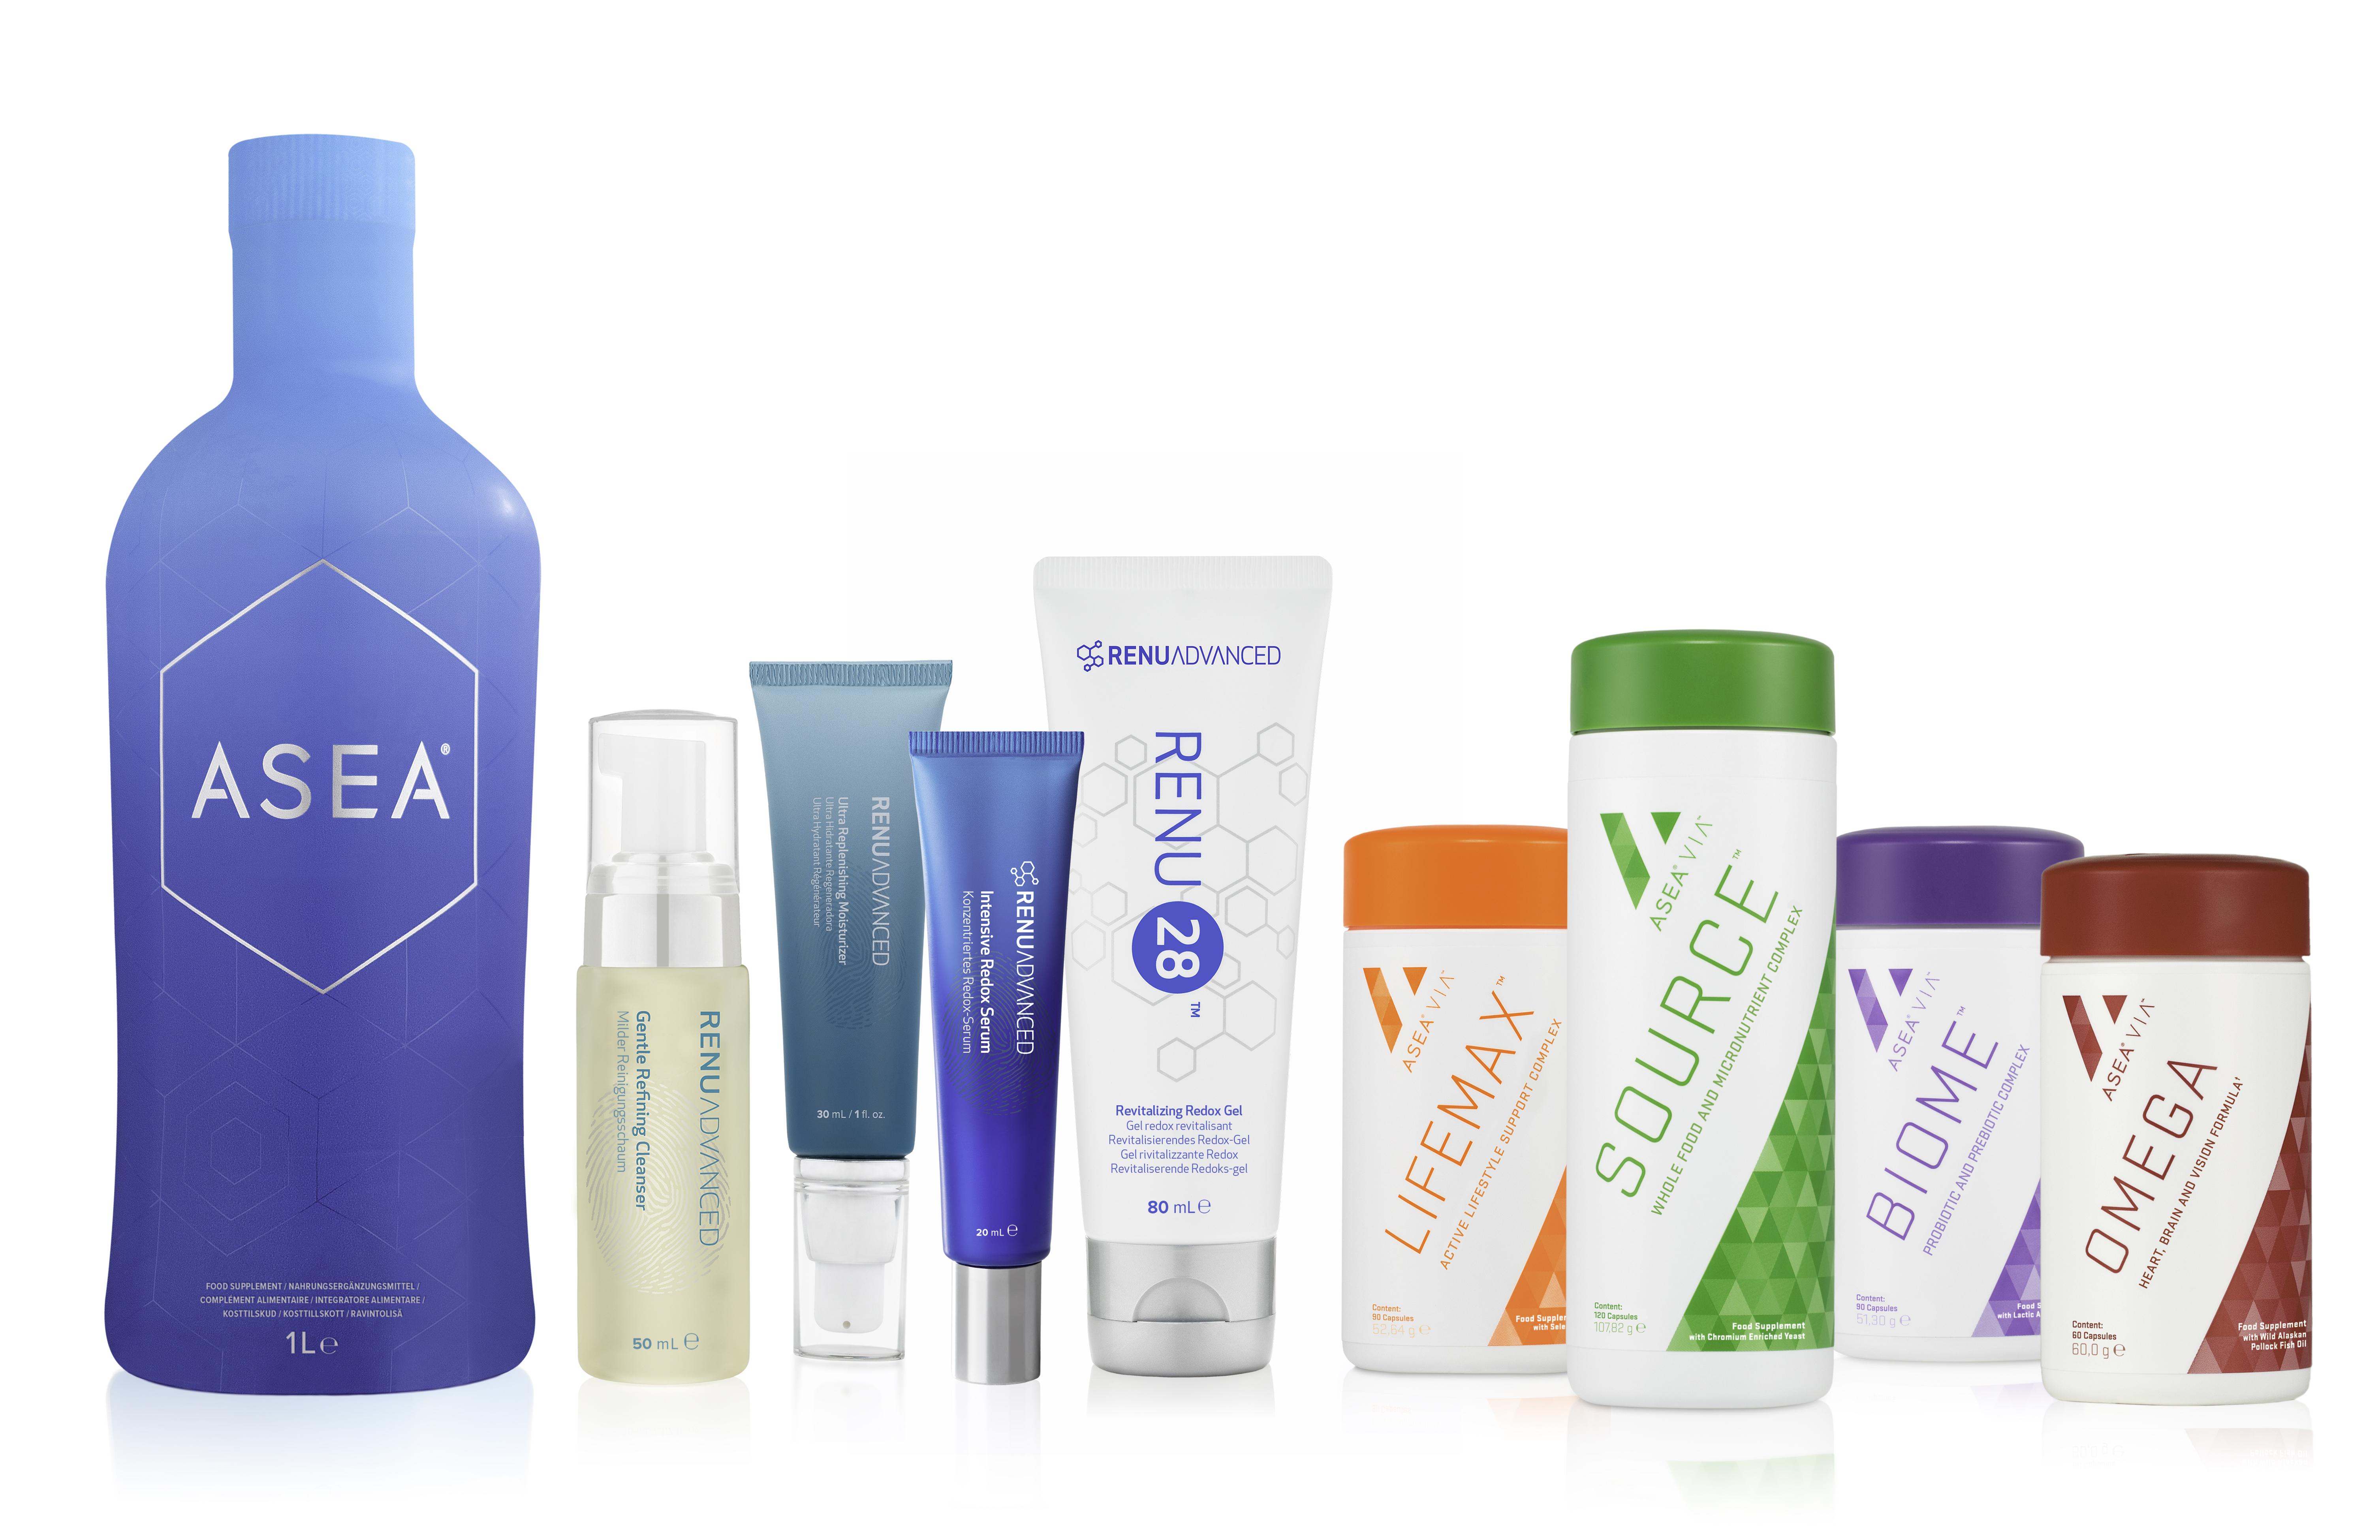 Alle ASEA-Produkte aufgereiht in einer Reihe